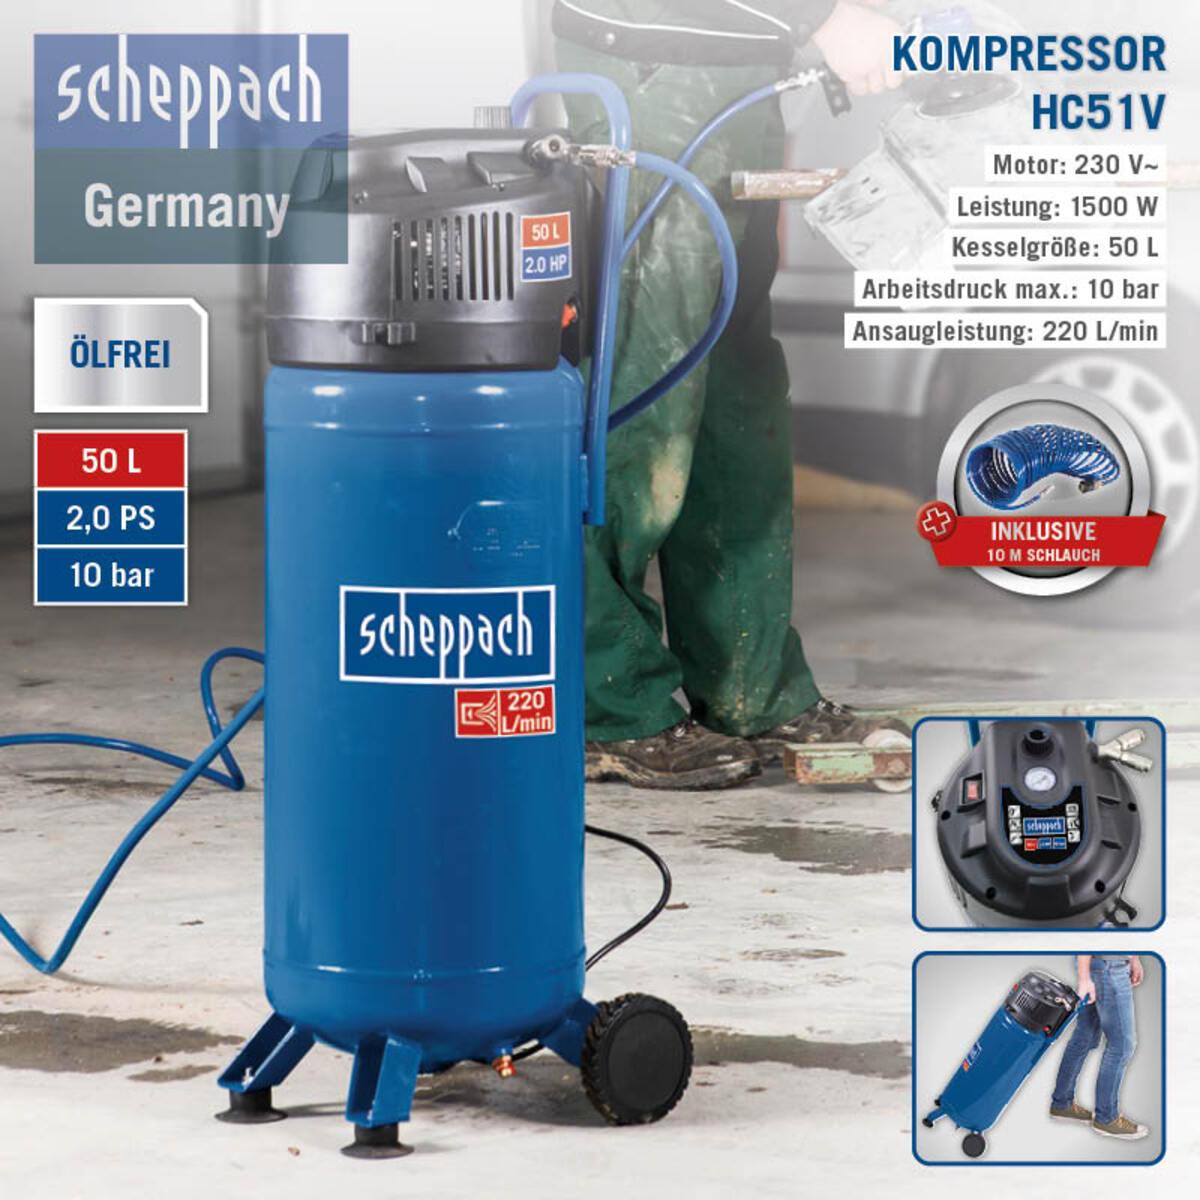 Bild 1 von Scheppach Kompressor VC52Pro SE